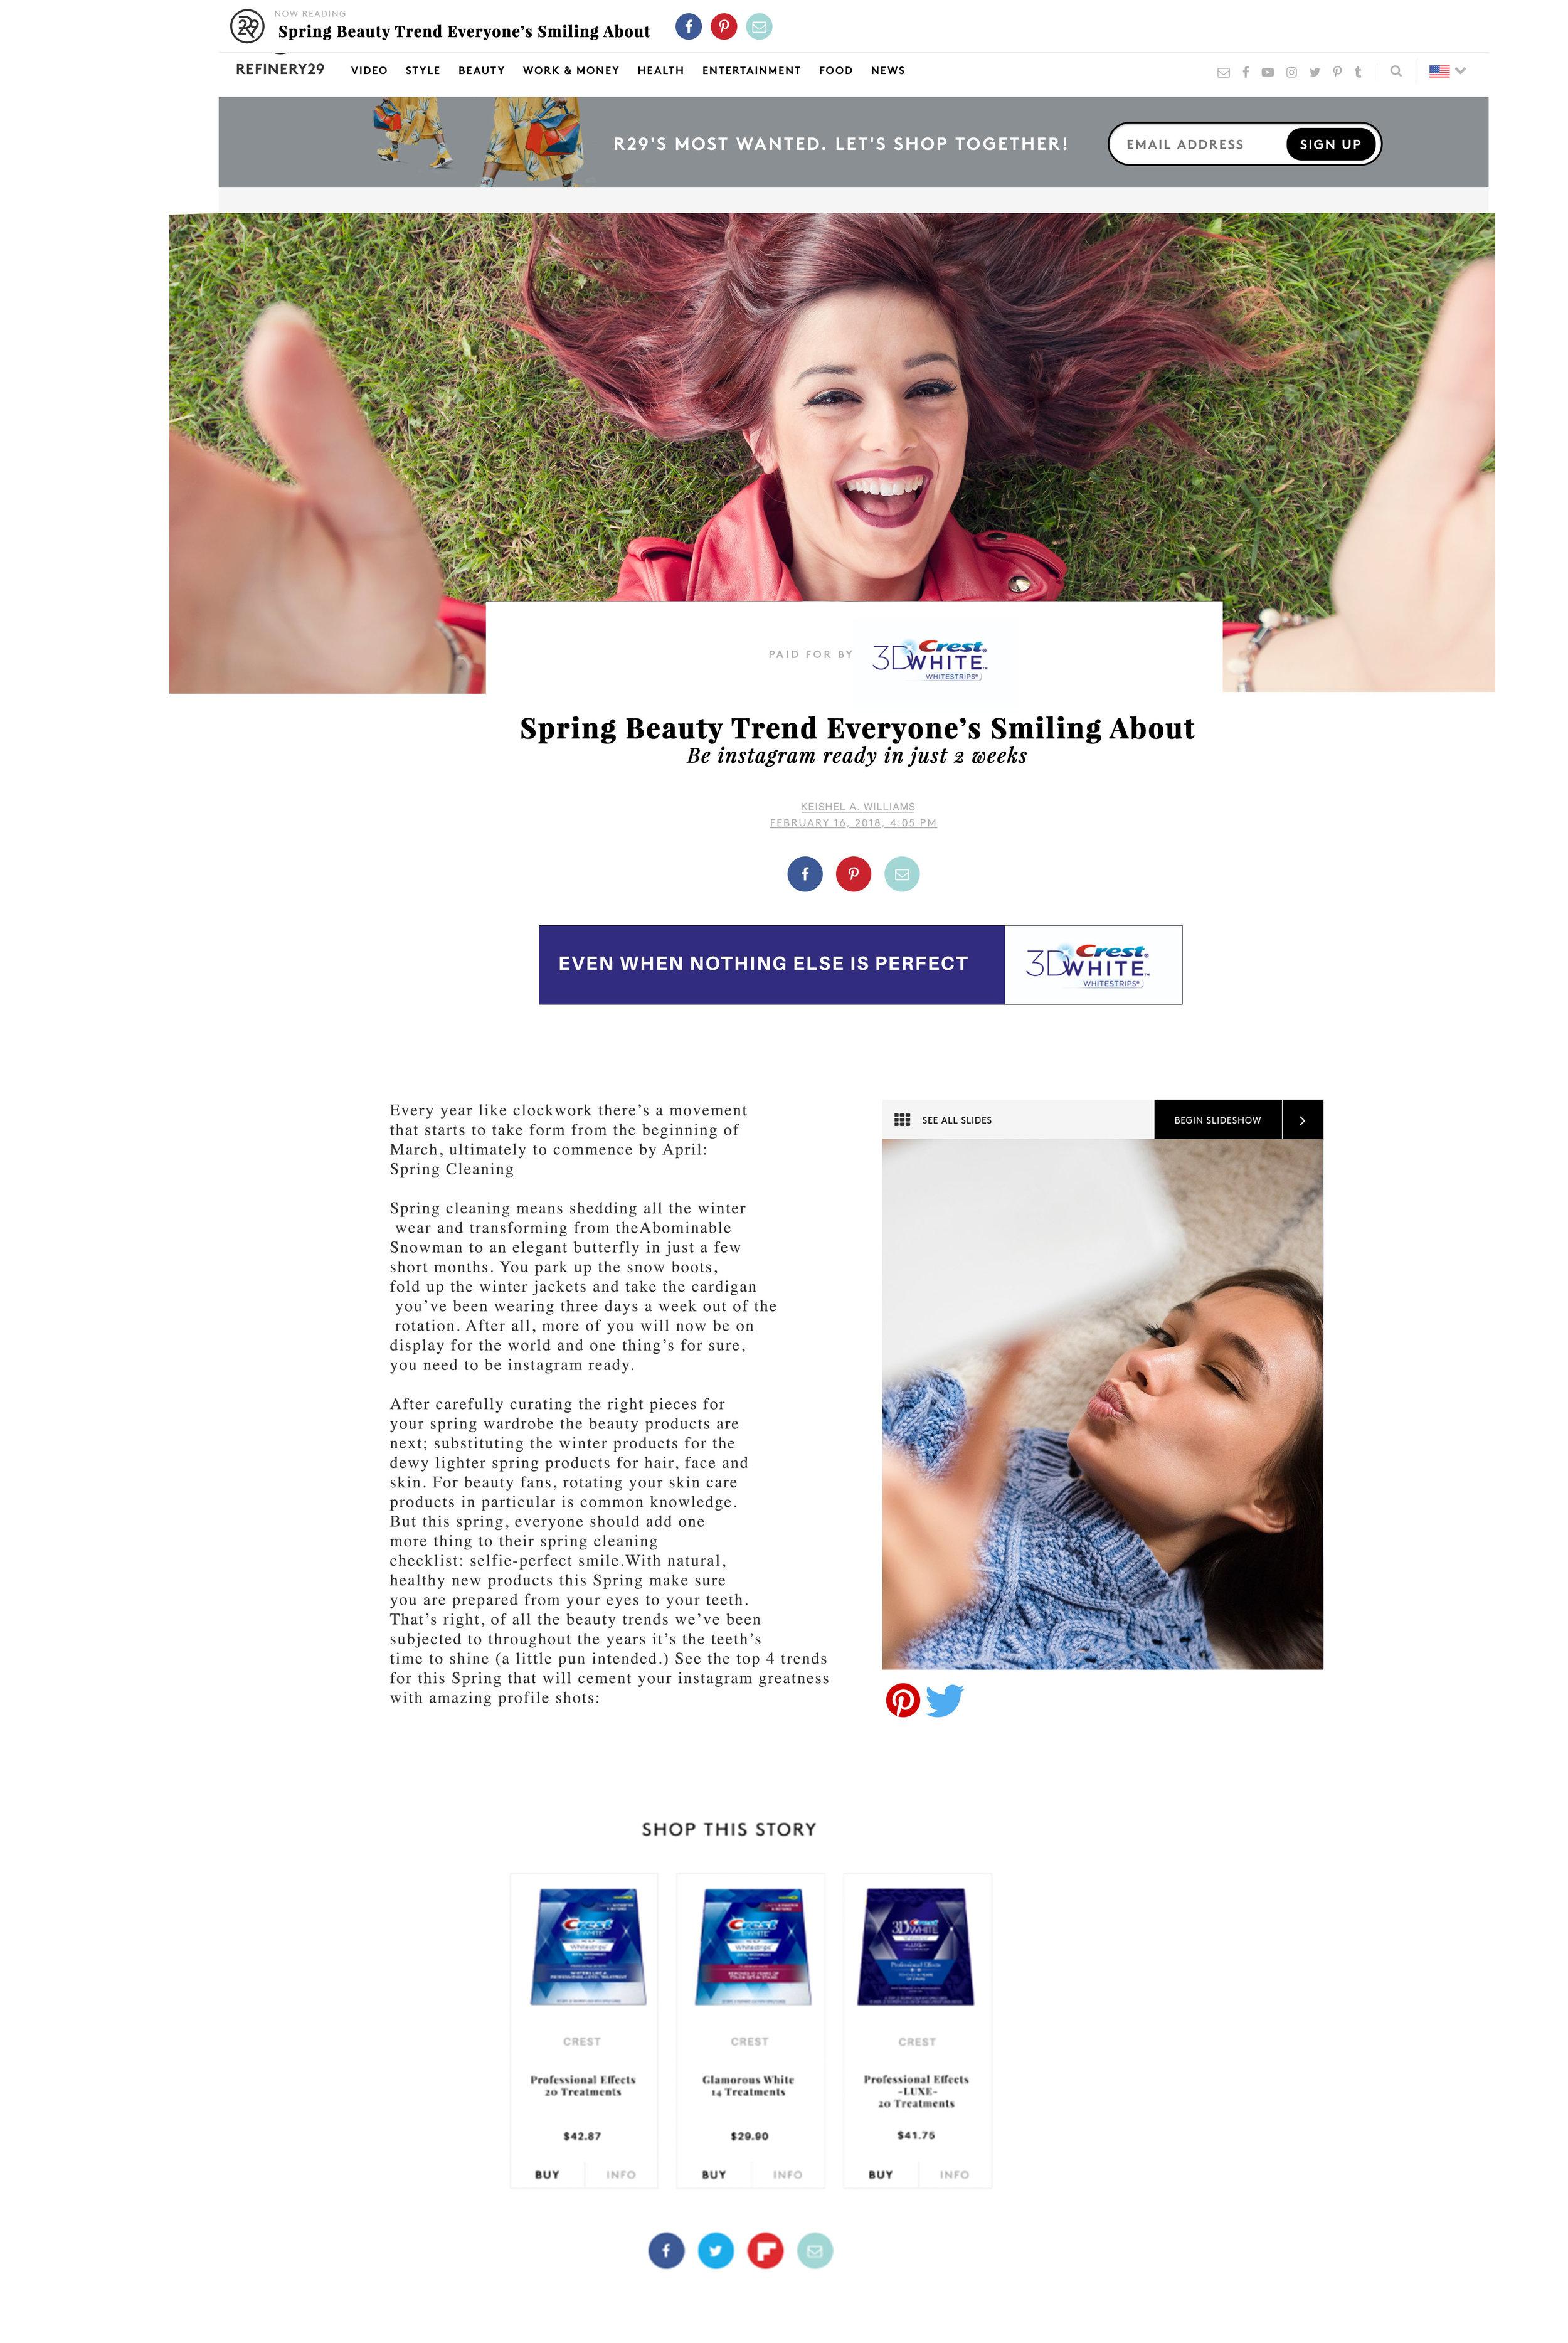 Crest_branded_content_v2_CArtboard 1.jpg